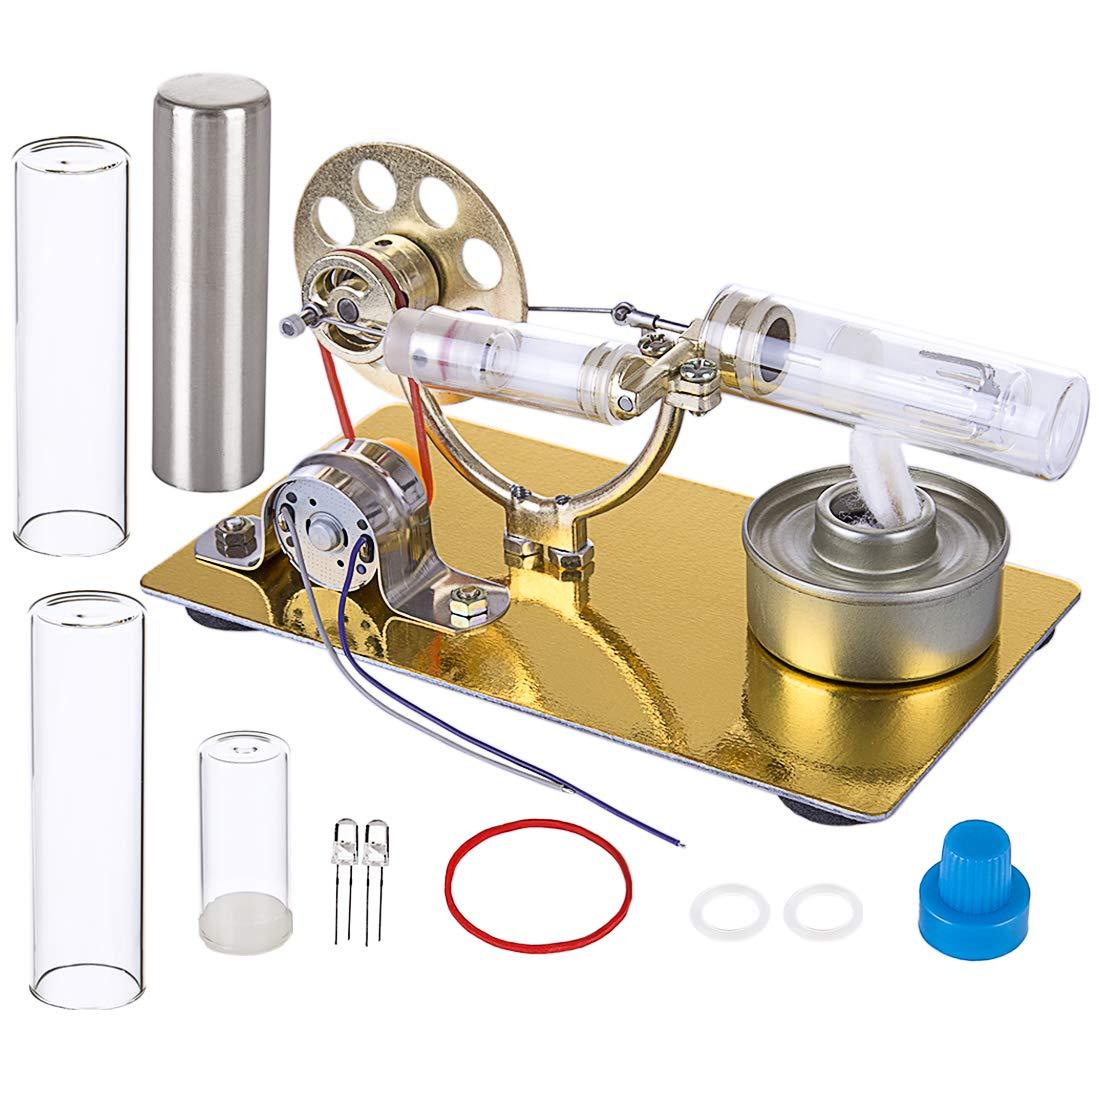 AUNMAS Limpiador de Filtro de Aire de pl/ástico de 5 Piezas Apto para Motosierra 4500 5200 5800 45cc 52cc 58cc cortac/ésped Piezas Herramientas el/éctricas para Exteriores